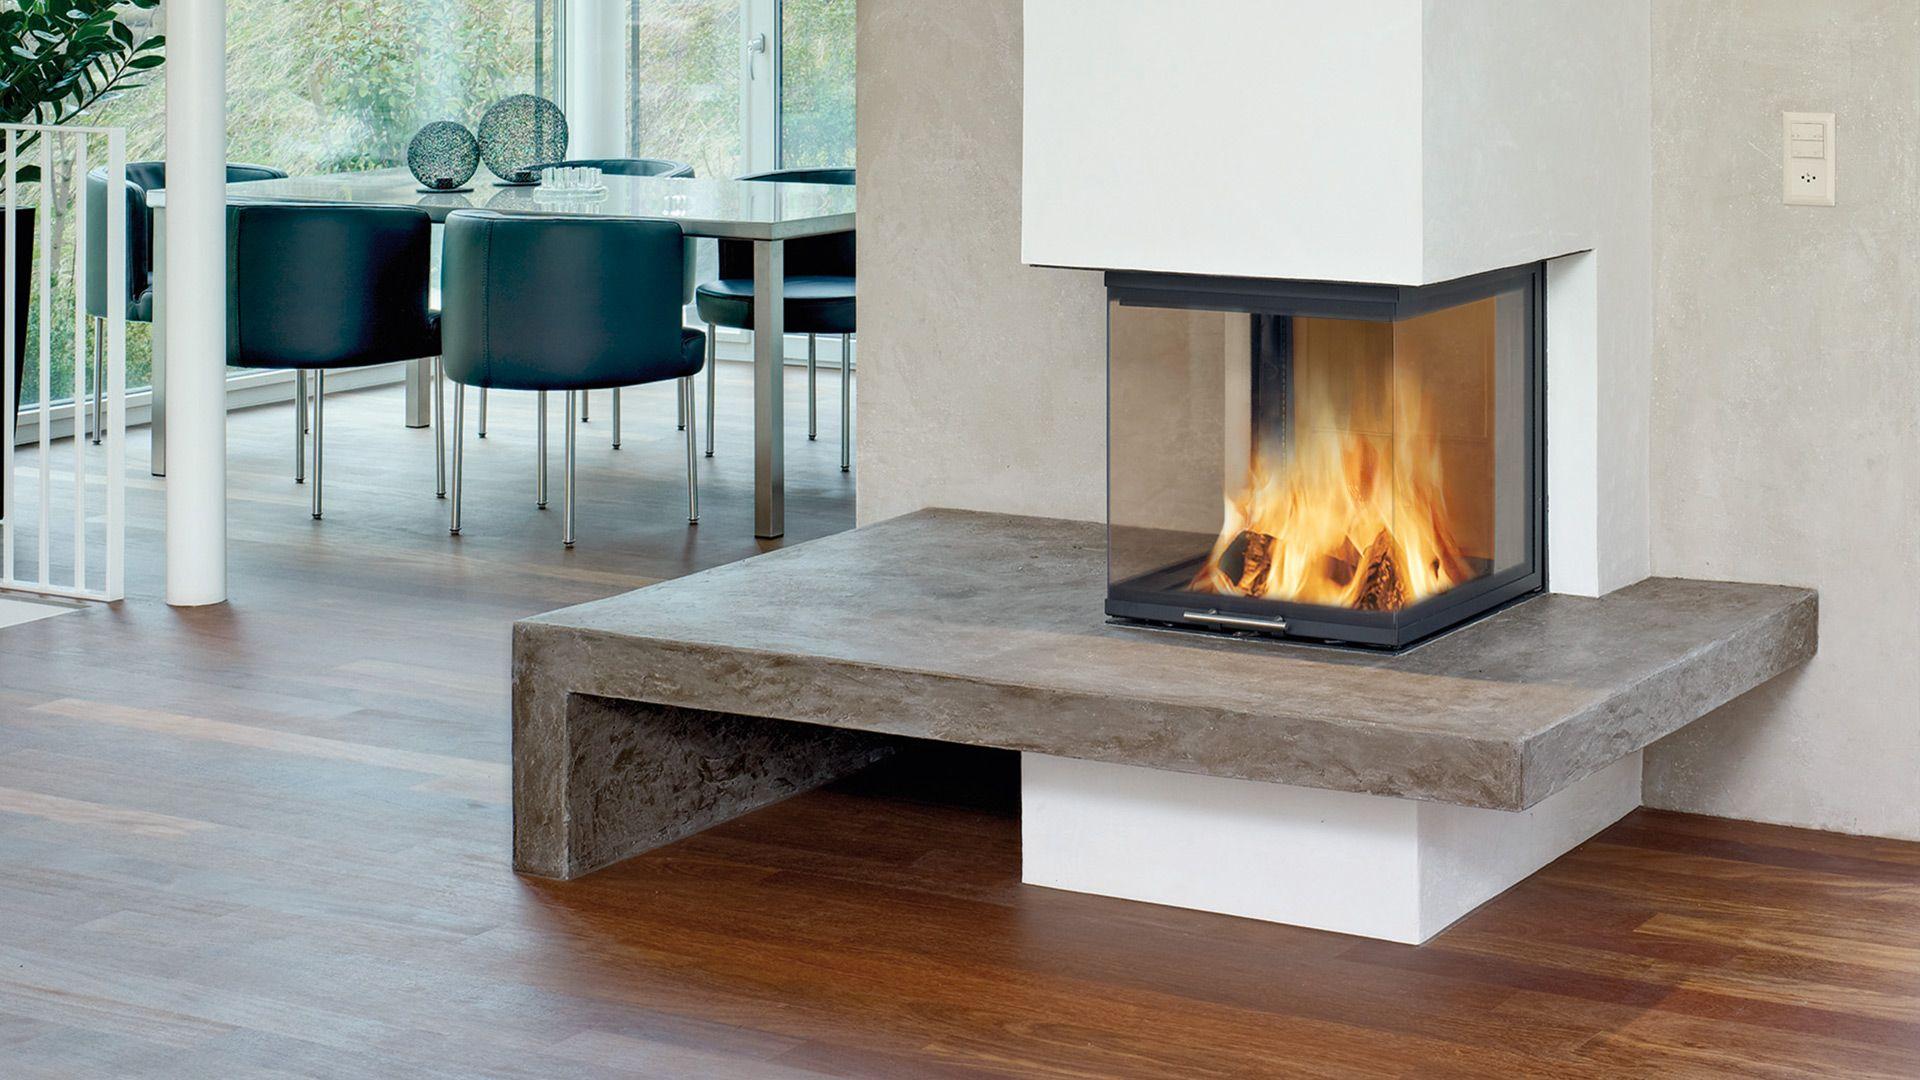 Moderne Feuerstelle Der Heizkamin Heizkamin Kamin Wohnzimmer Kamin Modern